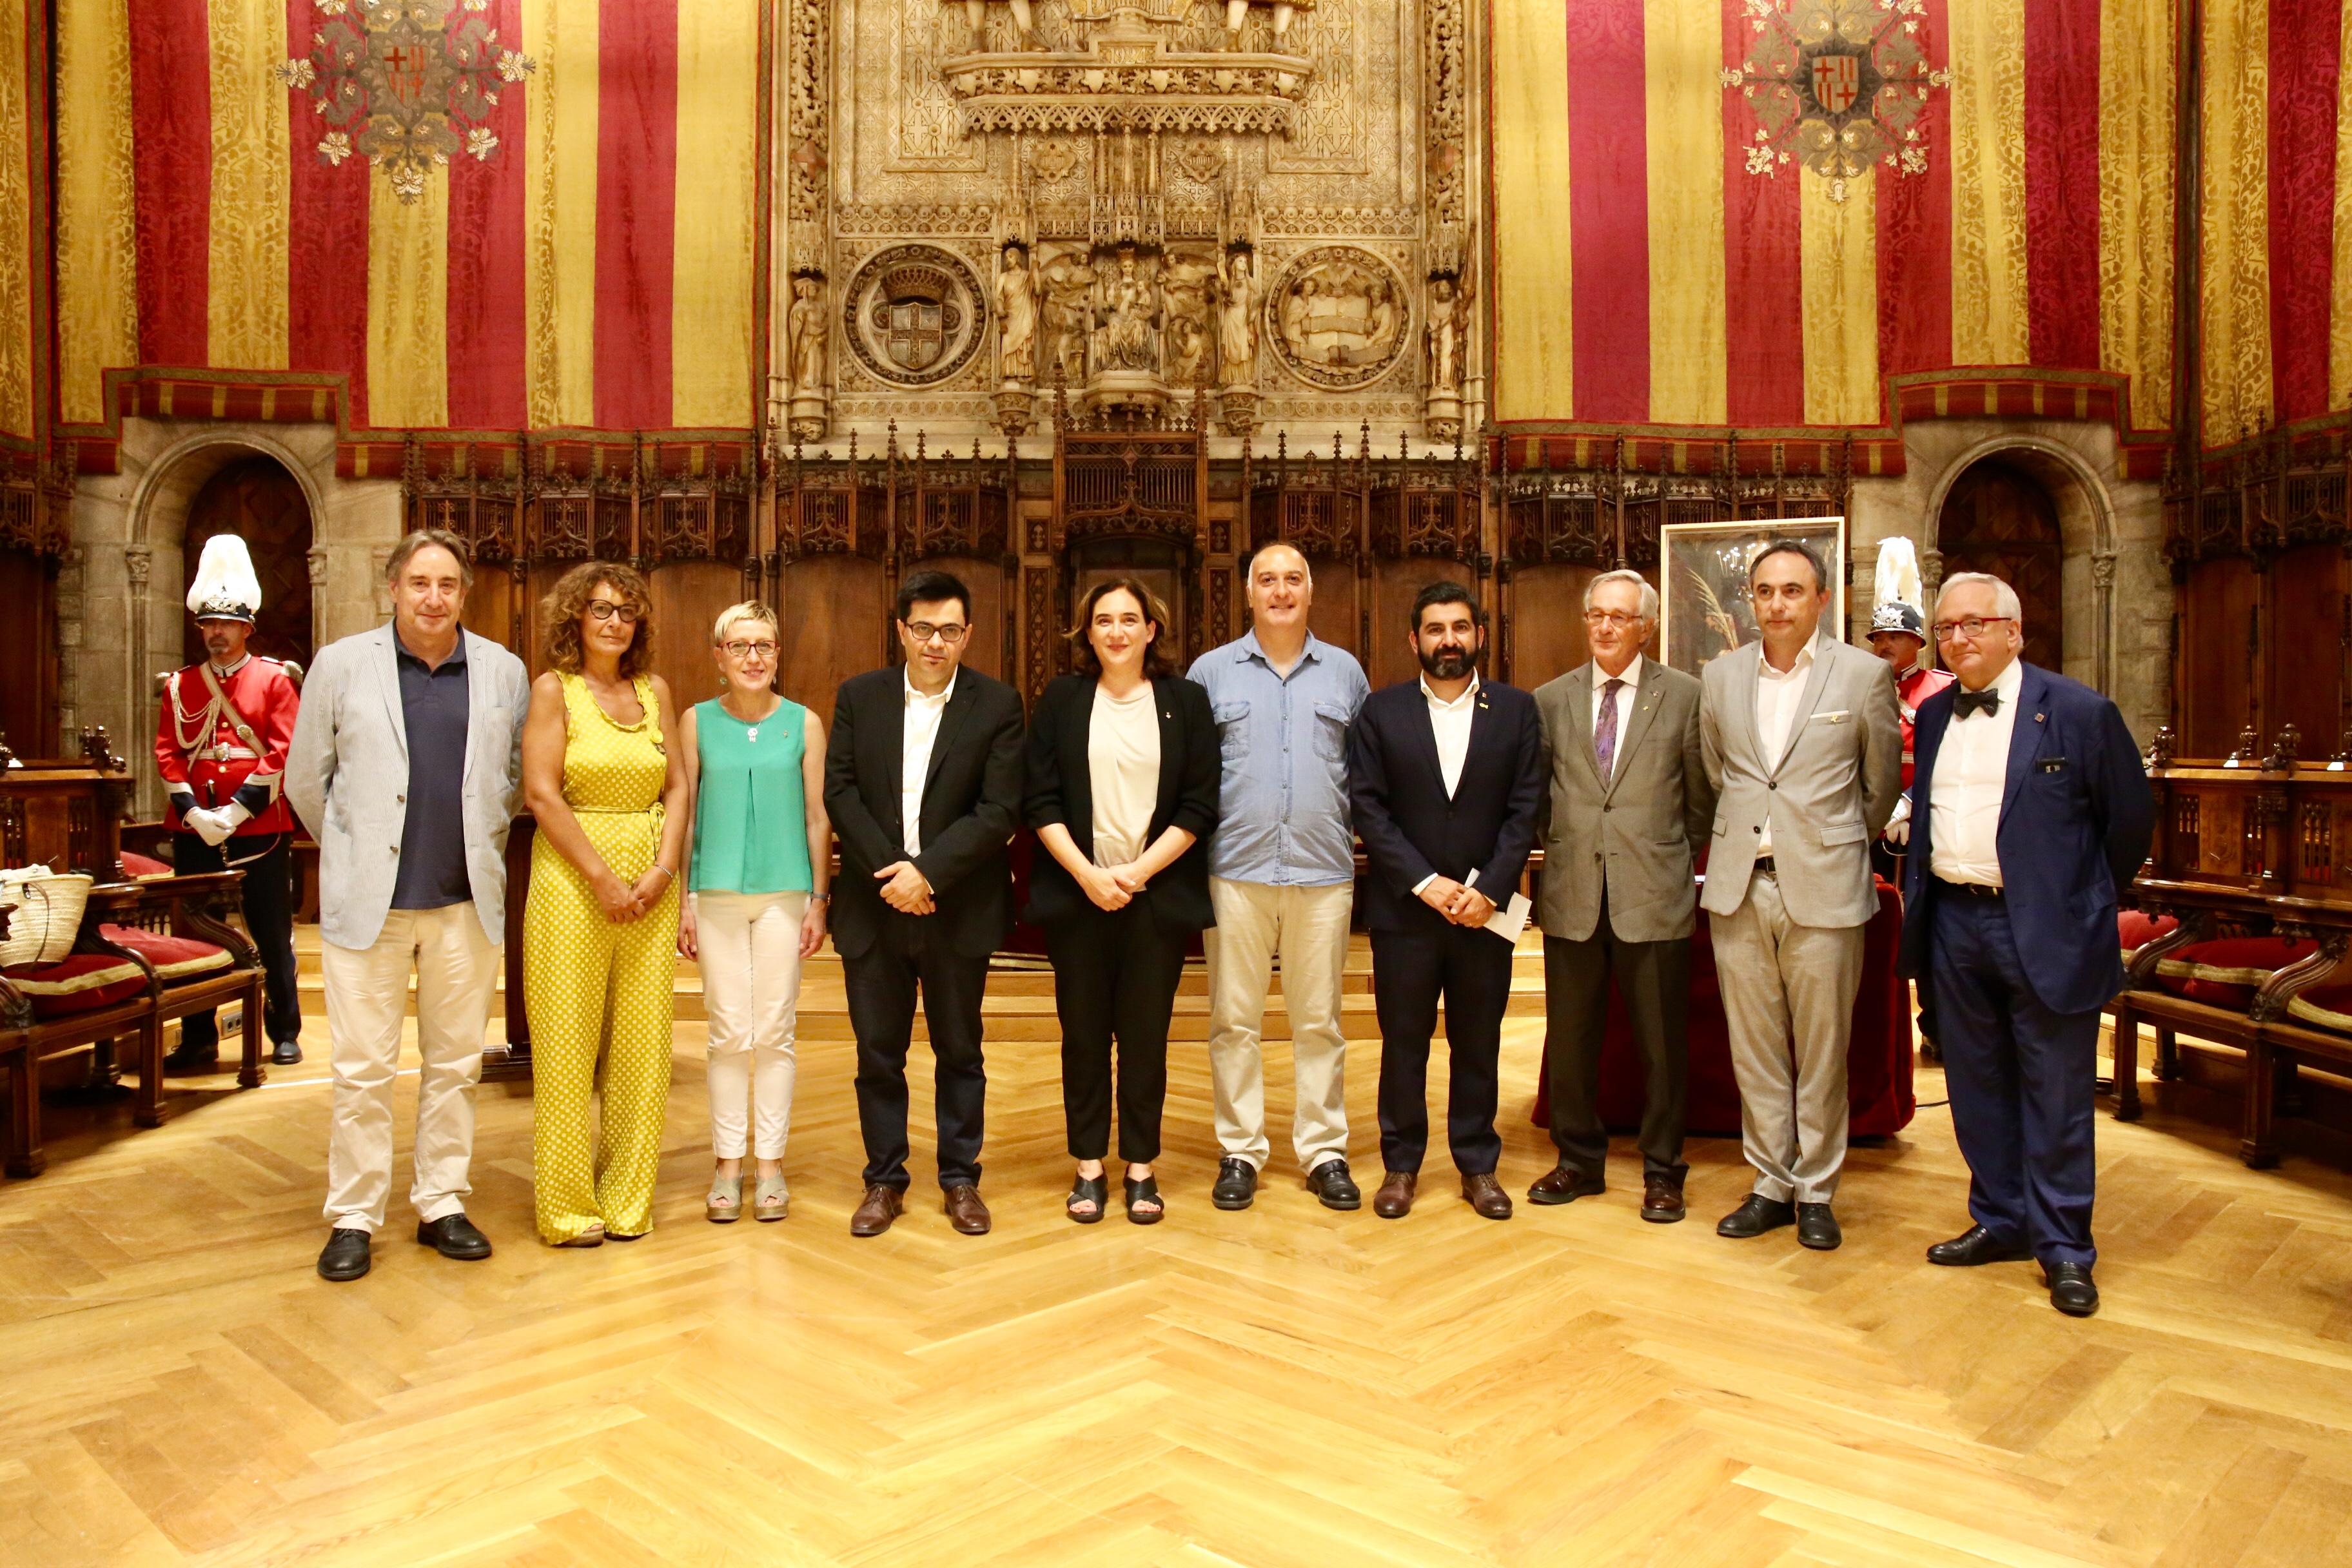 L'historiador Martín Rodrigo y Alharilla repassa el passat colonial de Barcelona en la conferència amb motiu de la celebració de l'Onze de Setembre